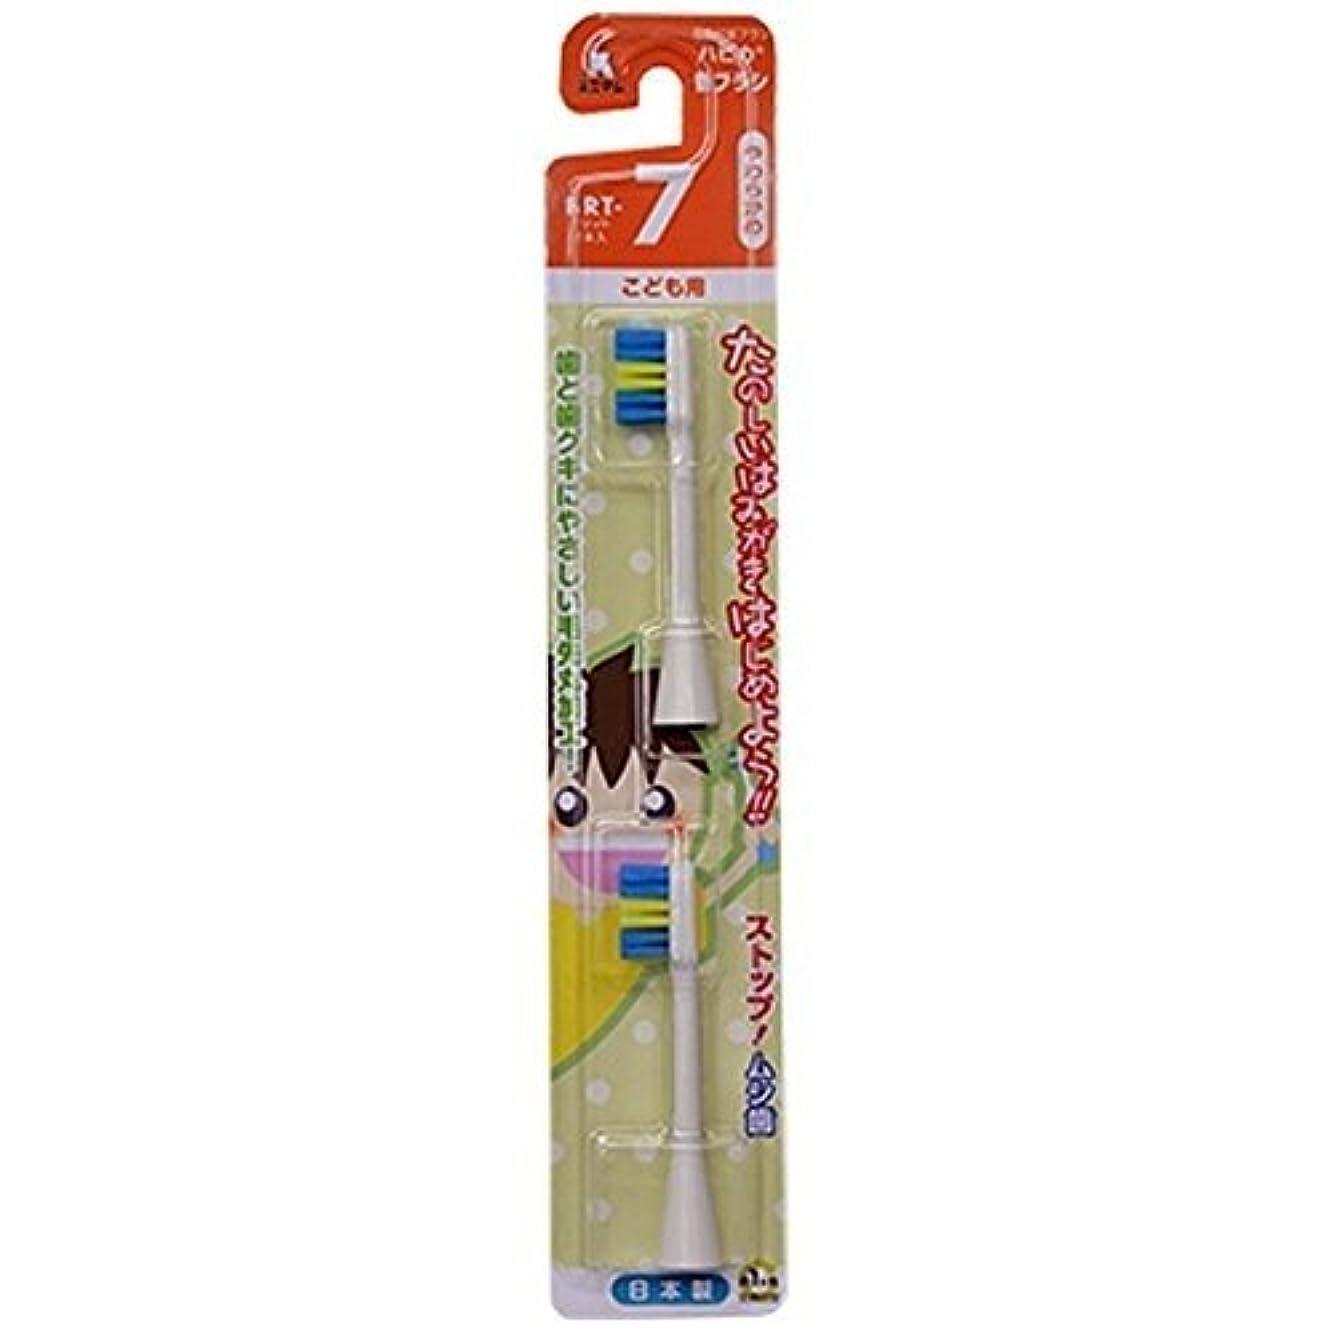 原子炉確保する公爵ミニマム 電動付歯ブラシ ハピカ 専用替ブラシ こども用 毛の硬さ:やわらかめ BRT-7 2個入